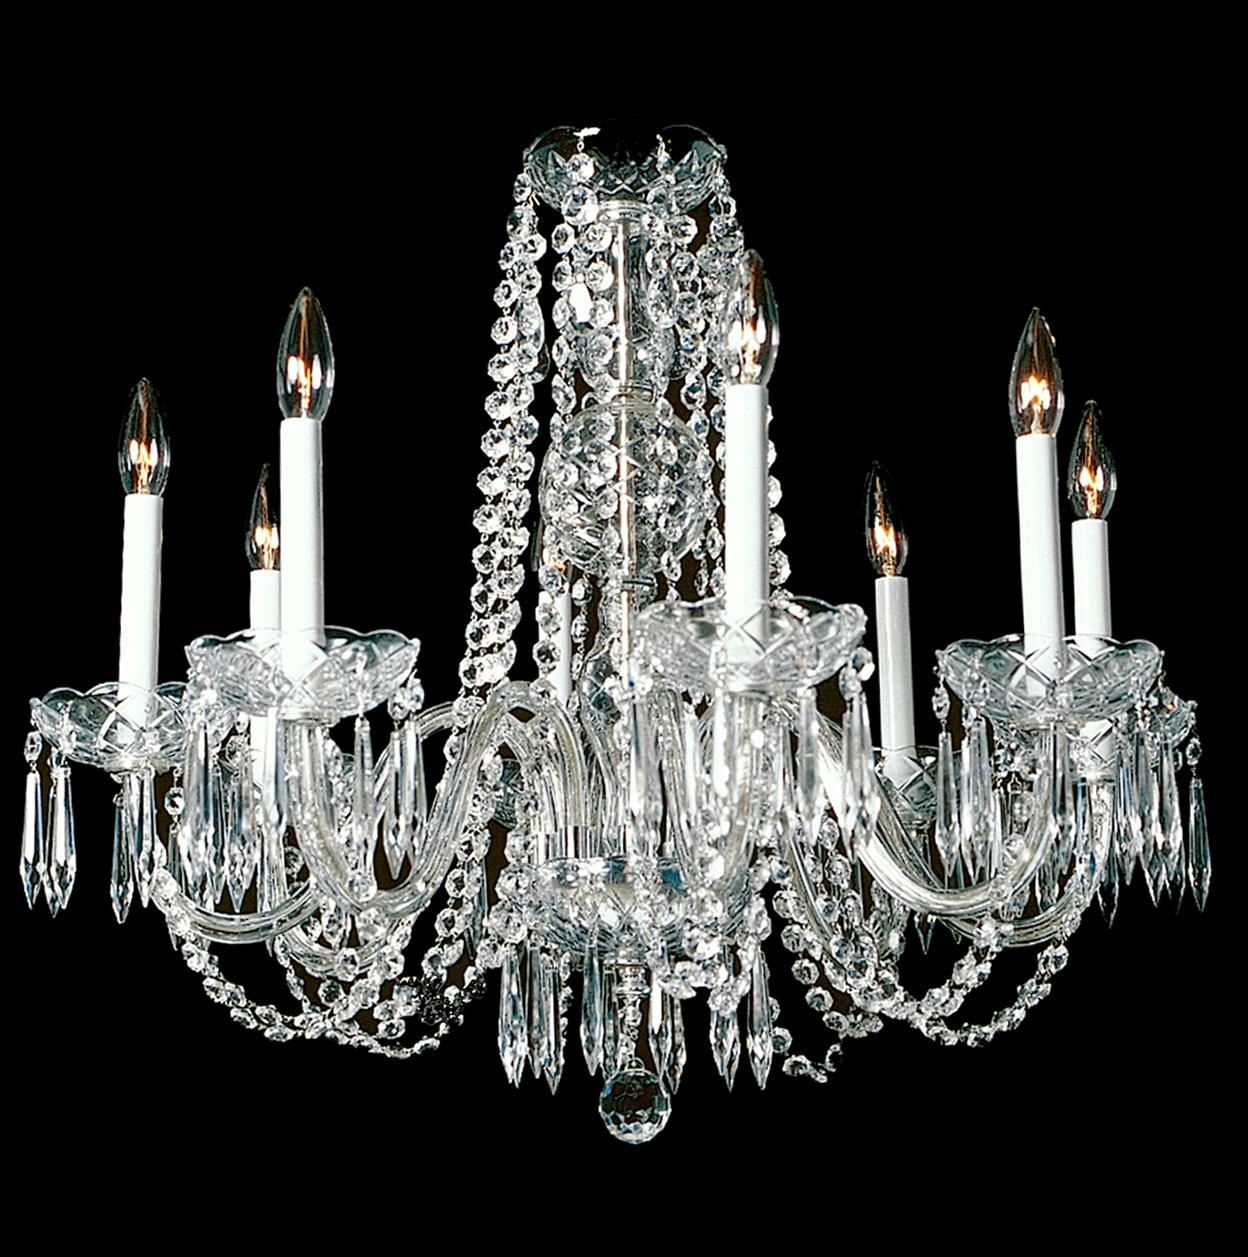 Adele Crystal Large Chandelier